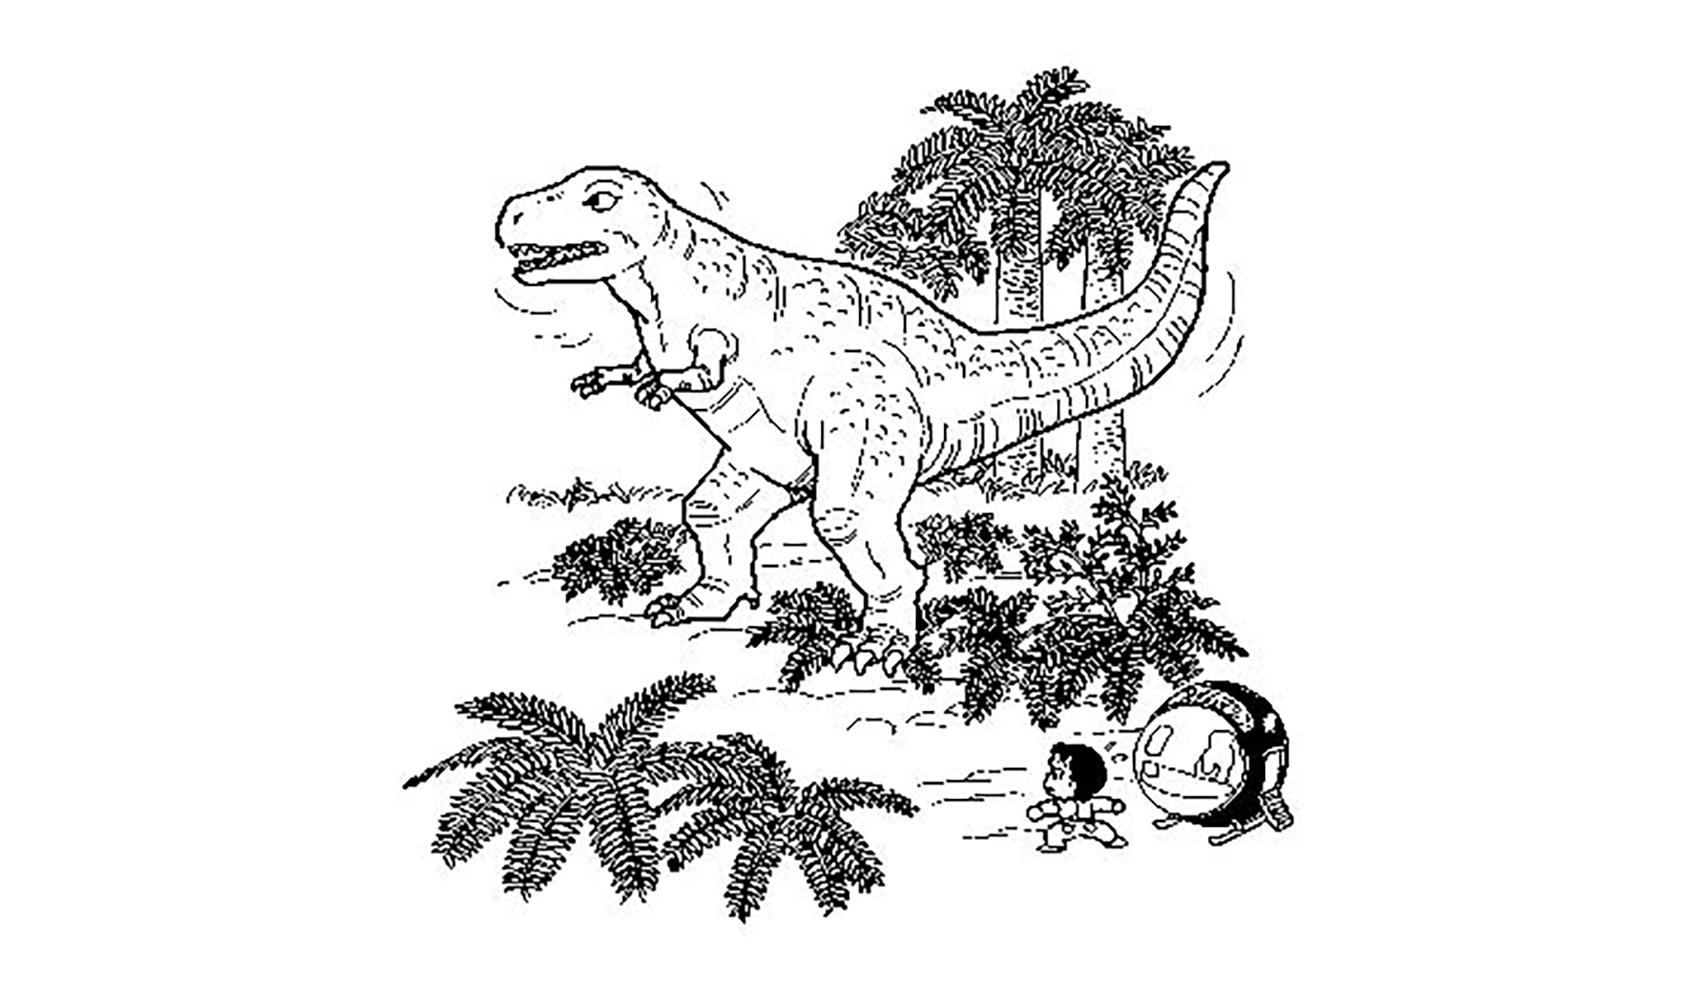 恐竜はいつごろいなくなったの